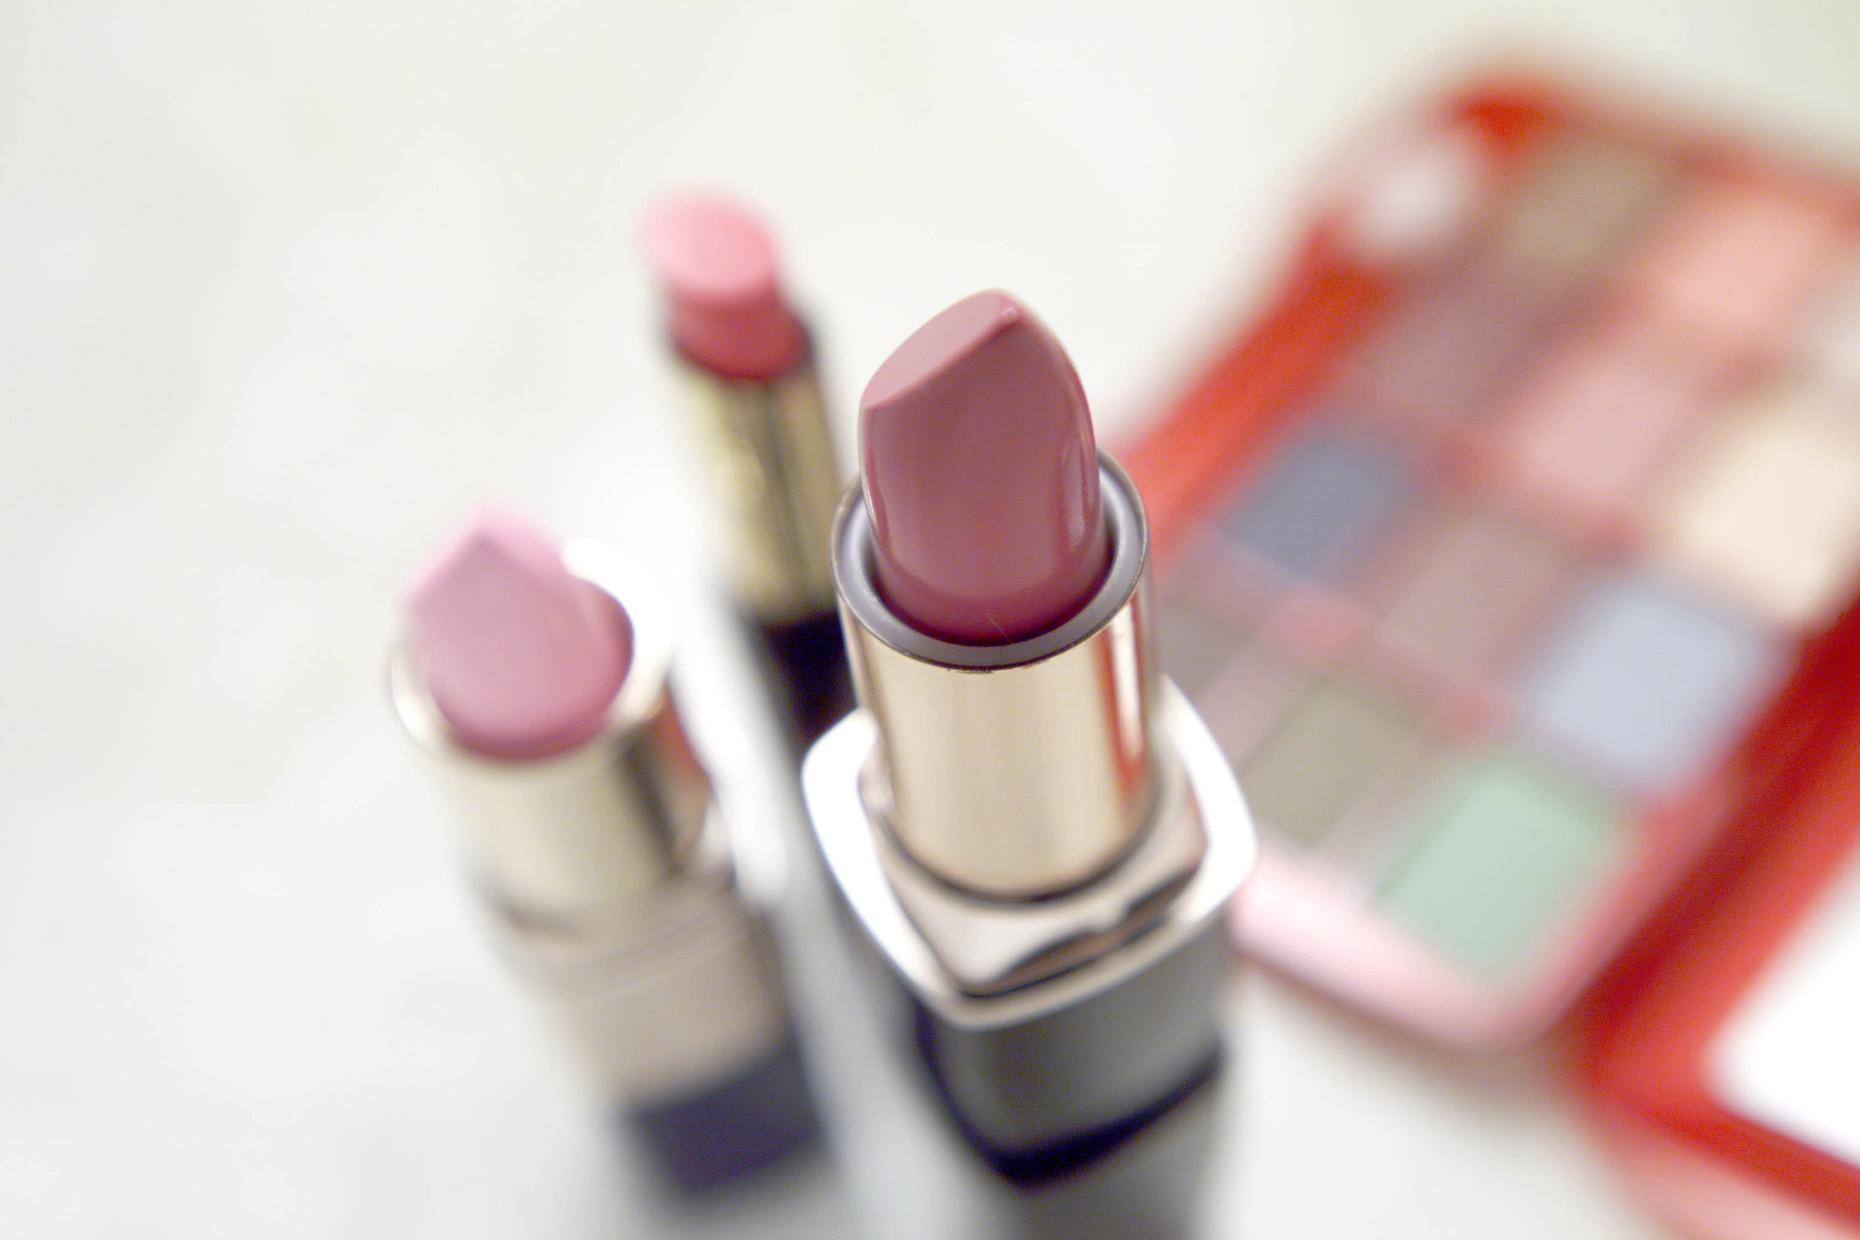 化粧品会社ランキング5選!!ランキングから見る人気コスメ!のサムネイル画像